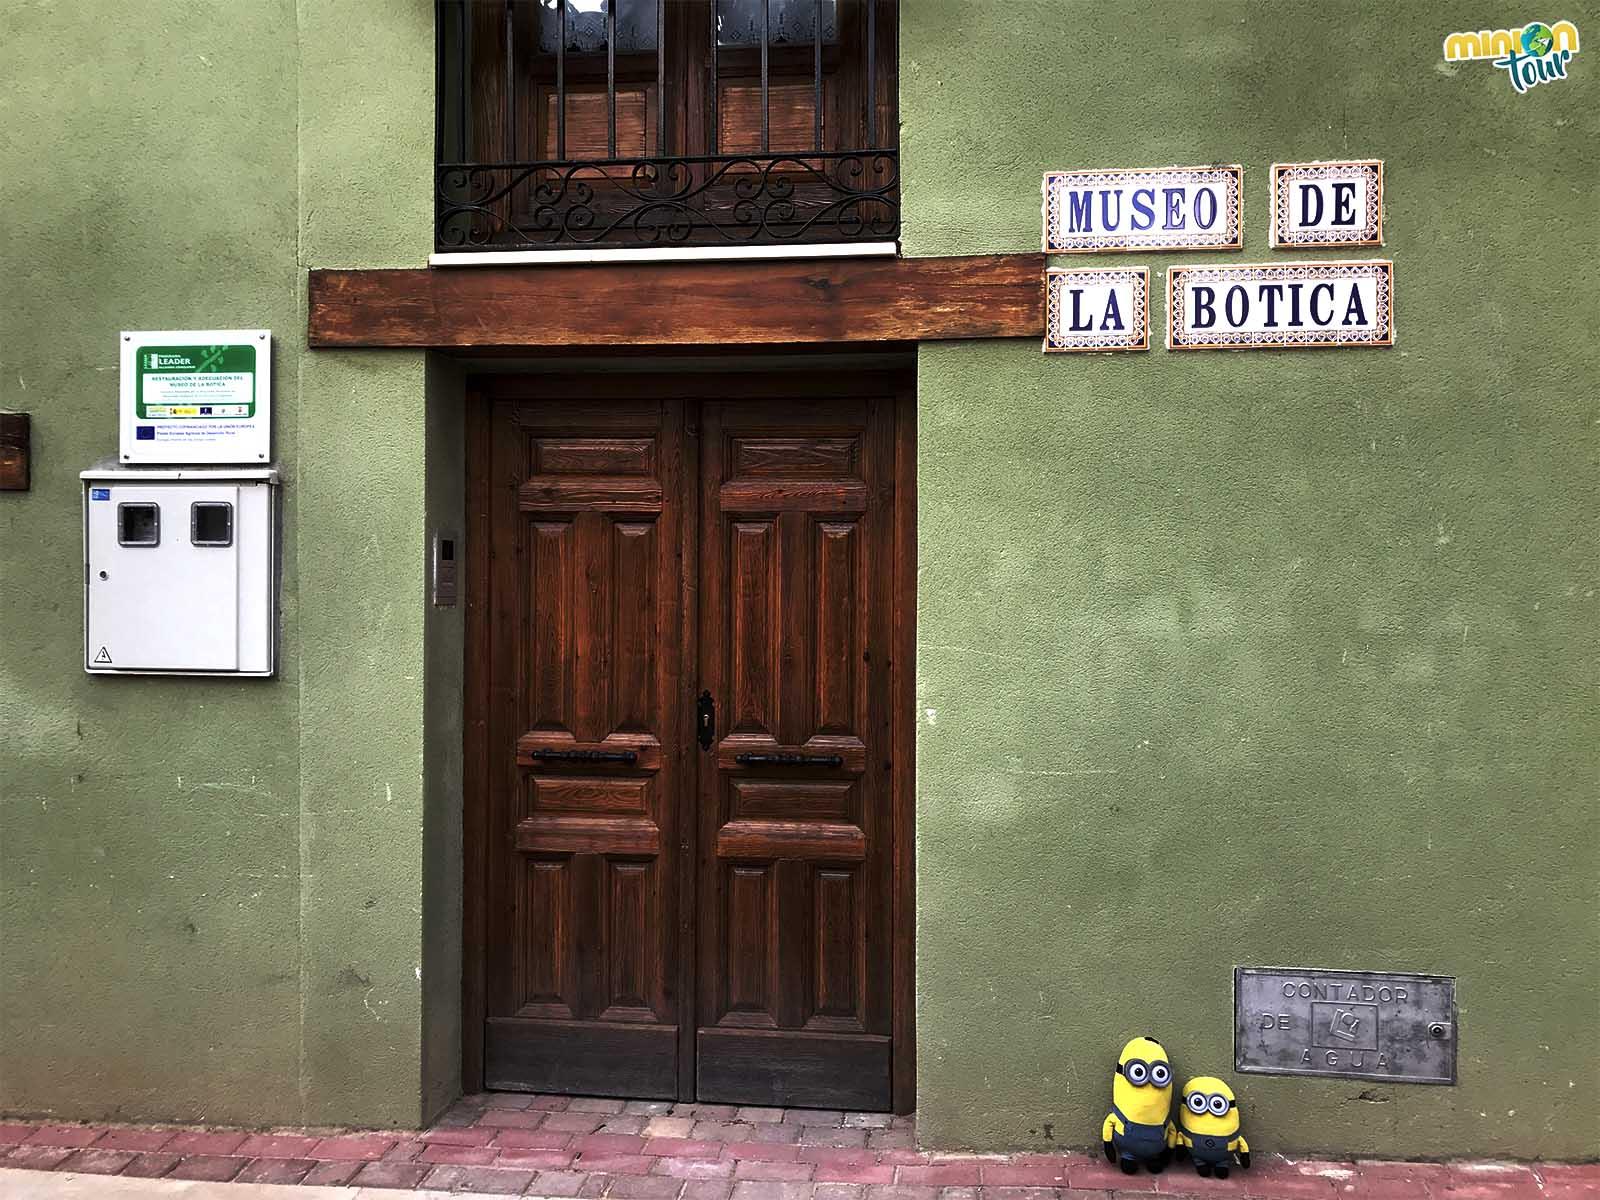 Museo de la Botica, una de las cosas que ver en Buendía